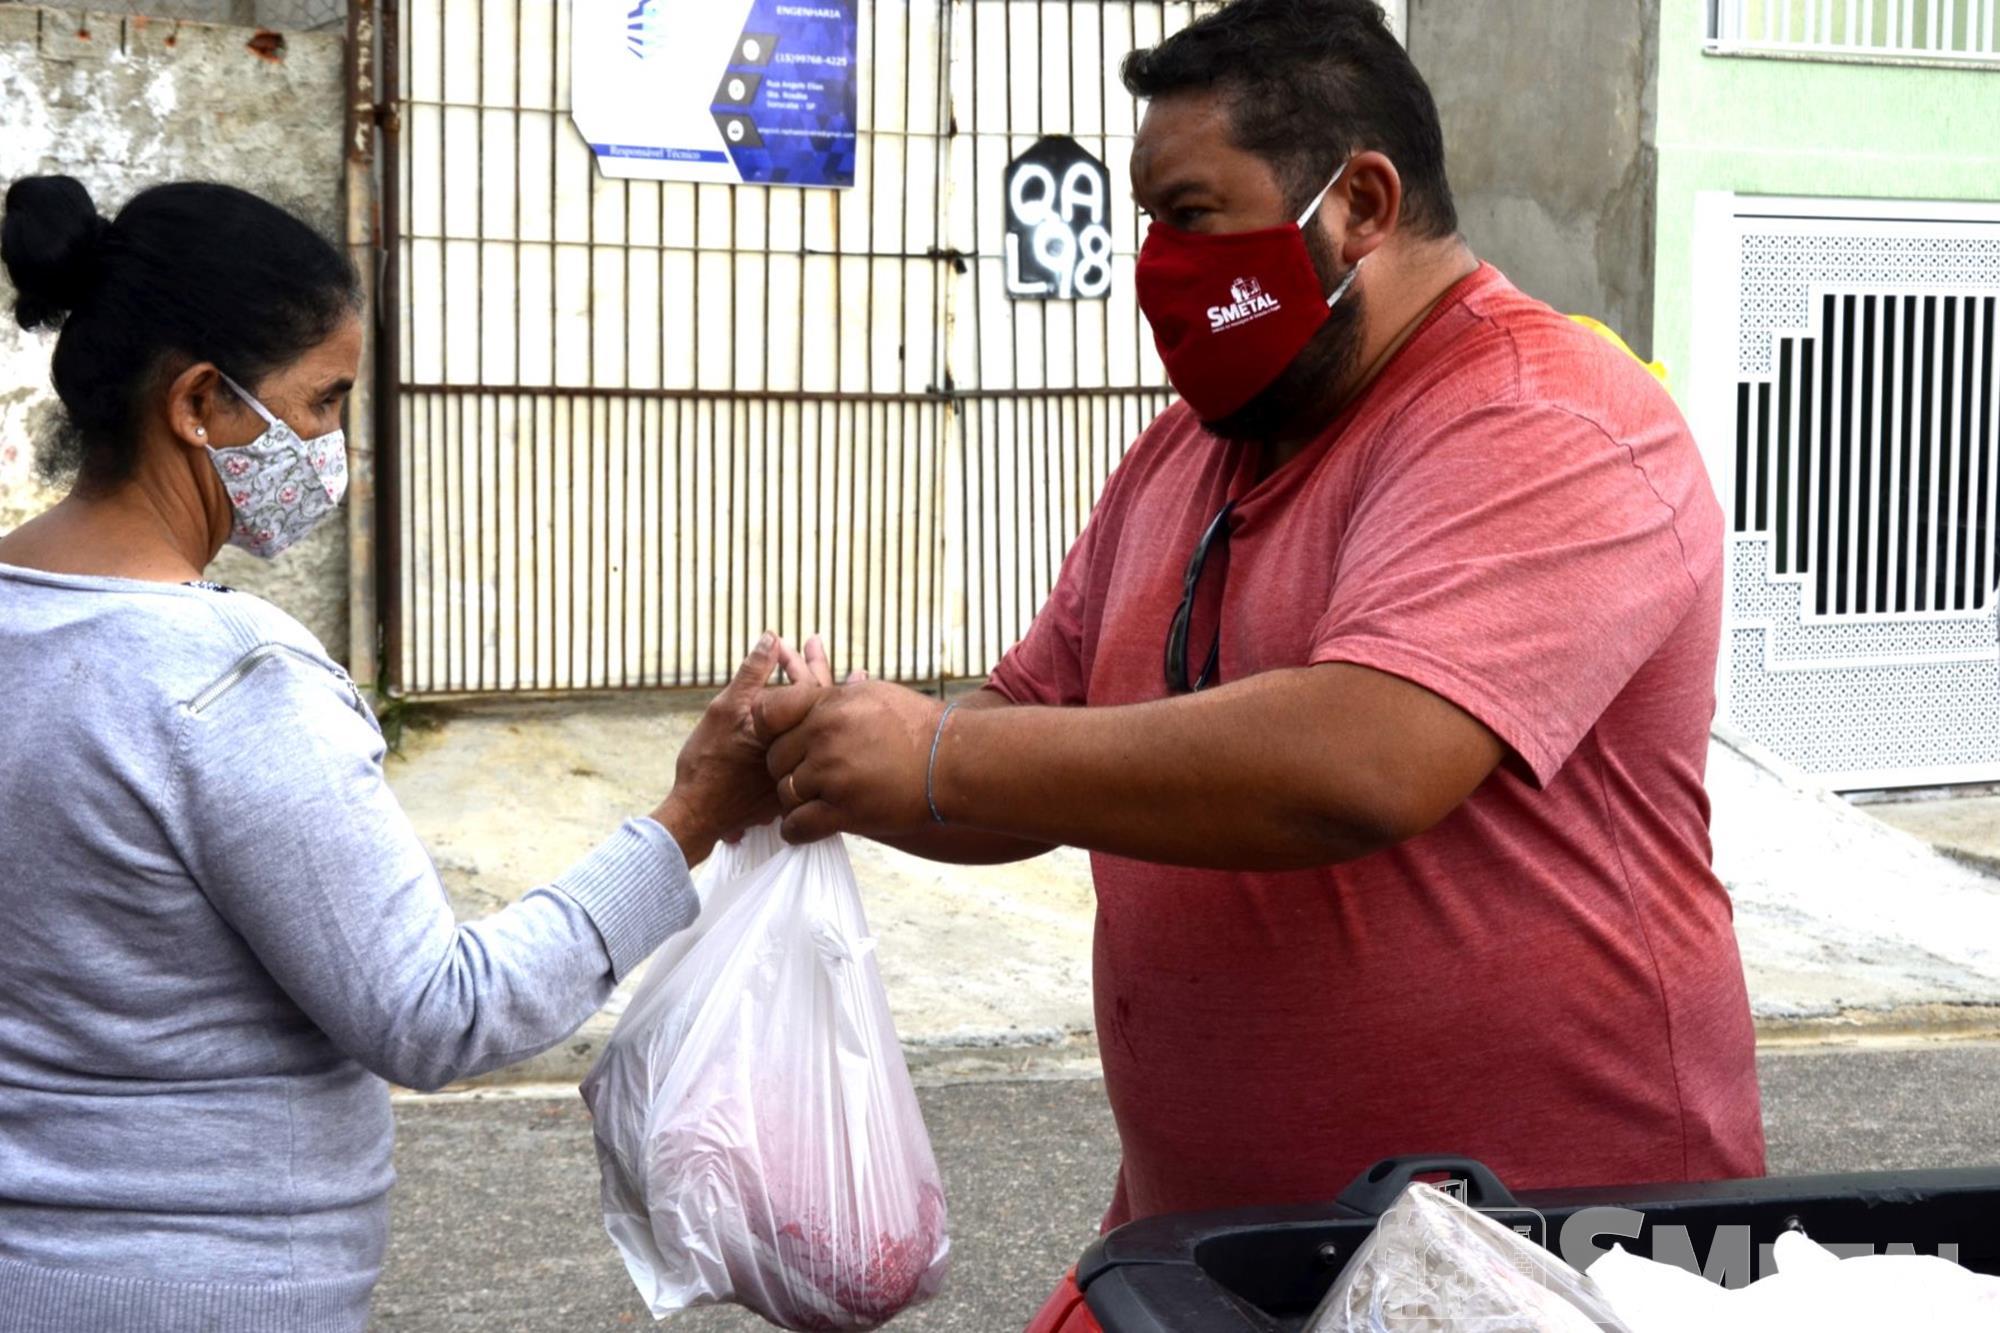 Caroline Queiróz Tomaz/Imprensa SMetal , Natal sem Fome doa 1, 1 mil cestas em Sorocaba e região; confira as fotos